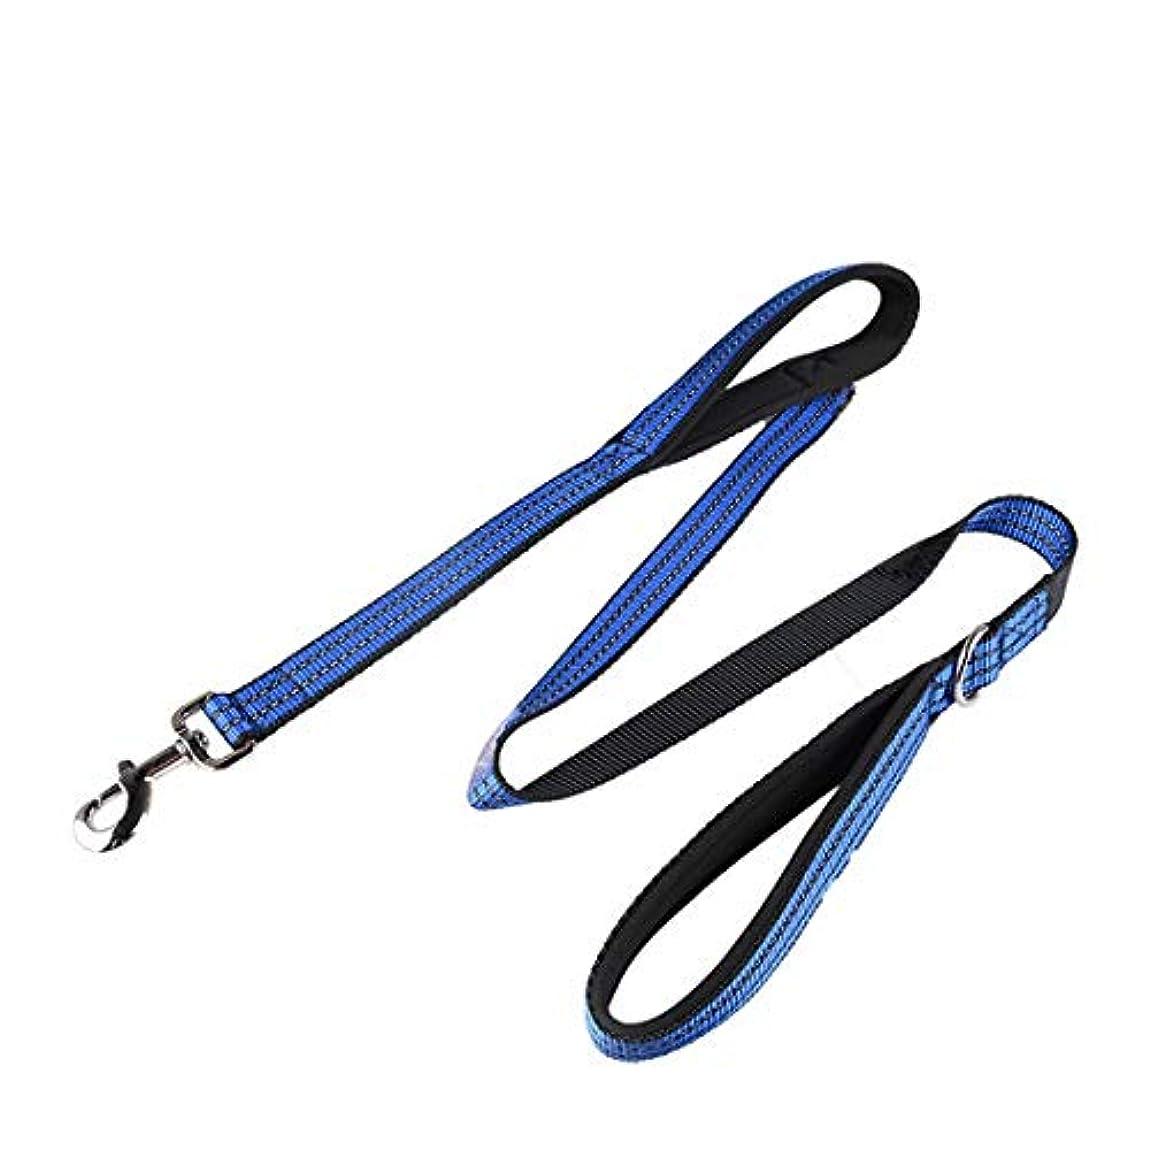 インポートハリケーンペルセウスKoloeplf ペットダブルハンドル牽引ロープダイビング綿肥厚反射犬用ロープ (Color : Blue)